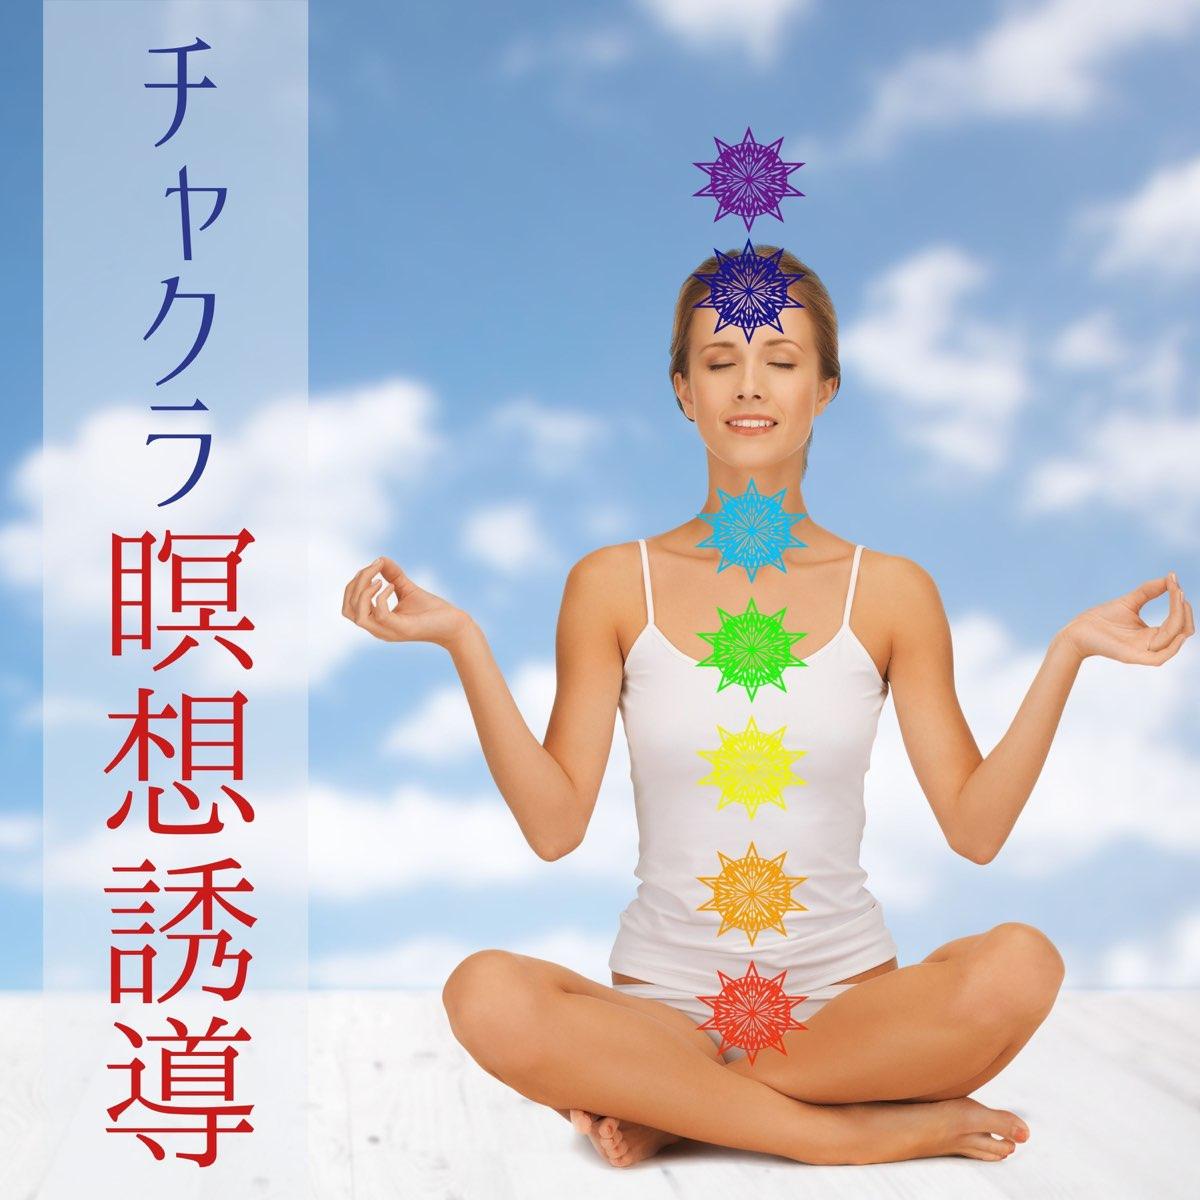 チャクラ 瞑想 チャクラを活性化する7つのマントラ聖歌